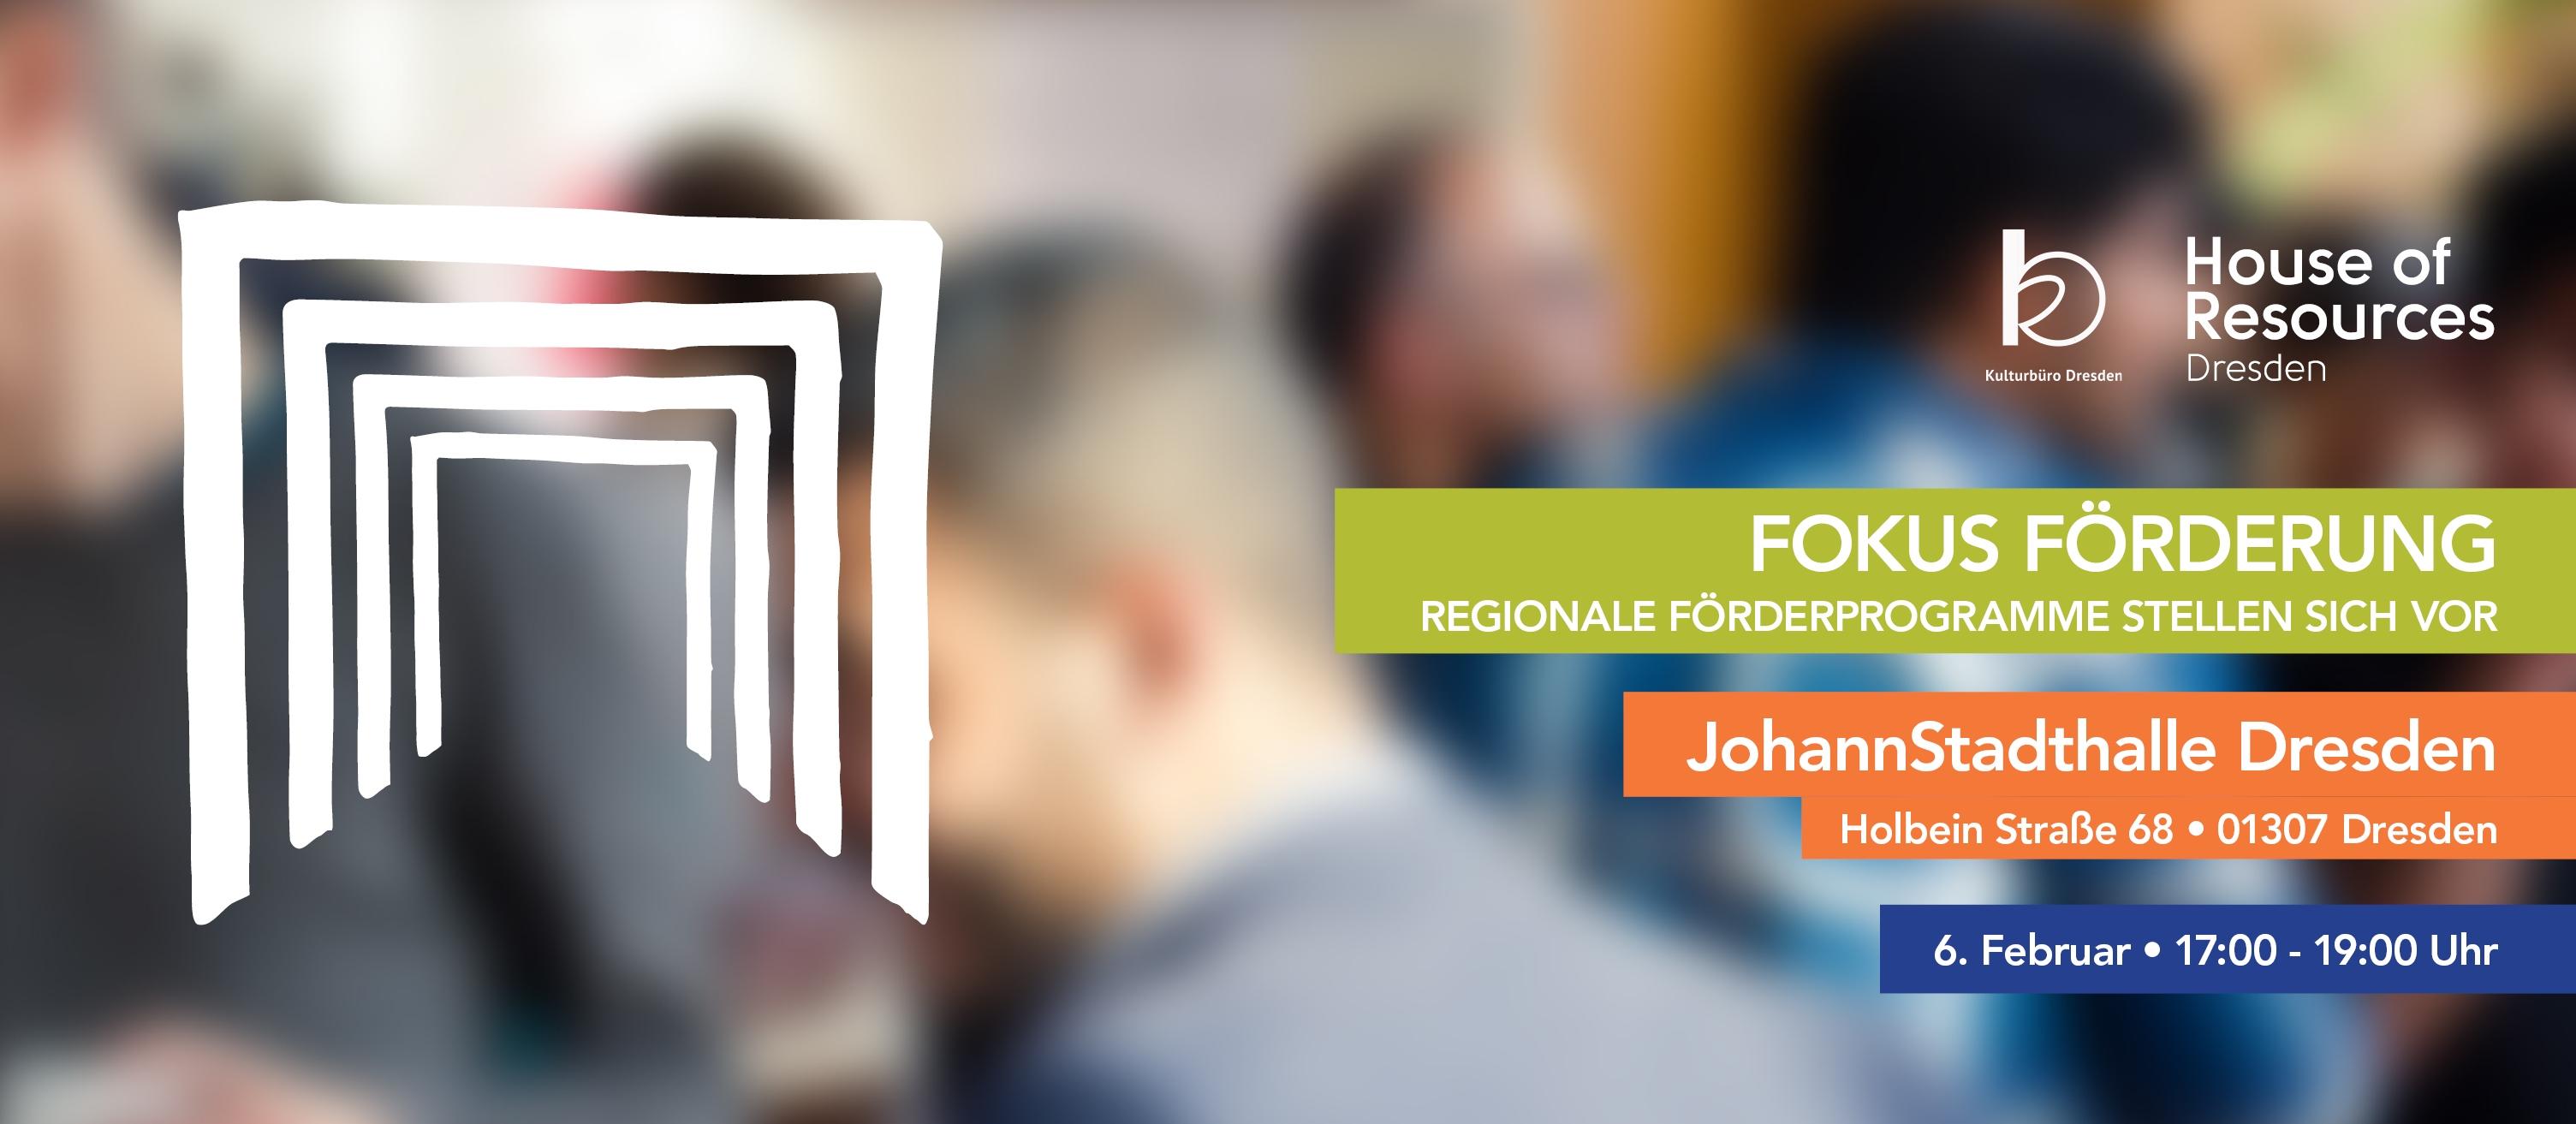 Fokus Förderung: regionale Förderprogramme stellen sich vor